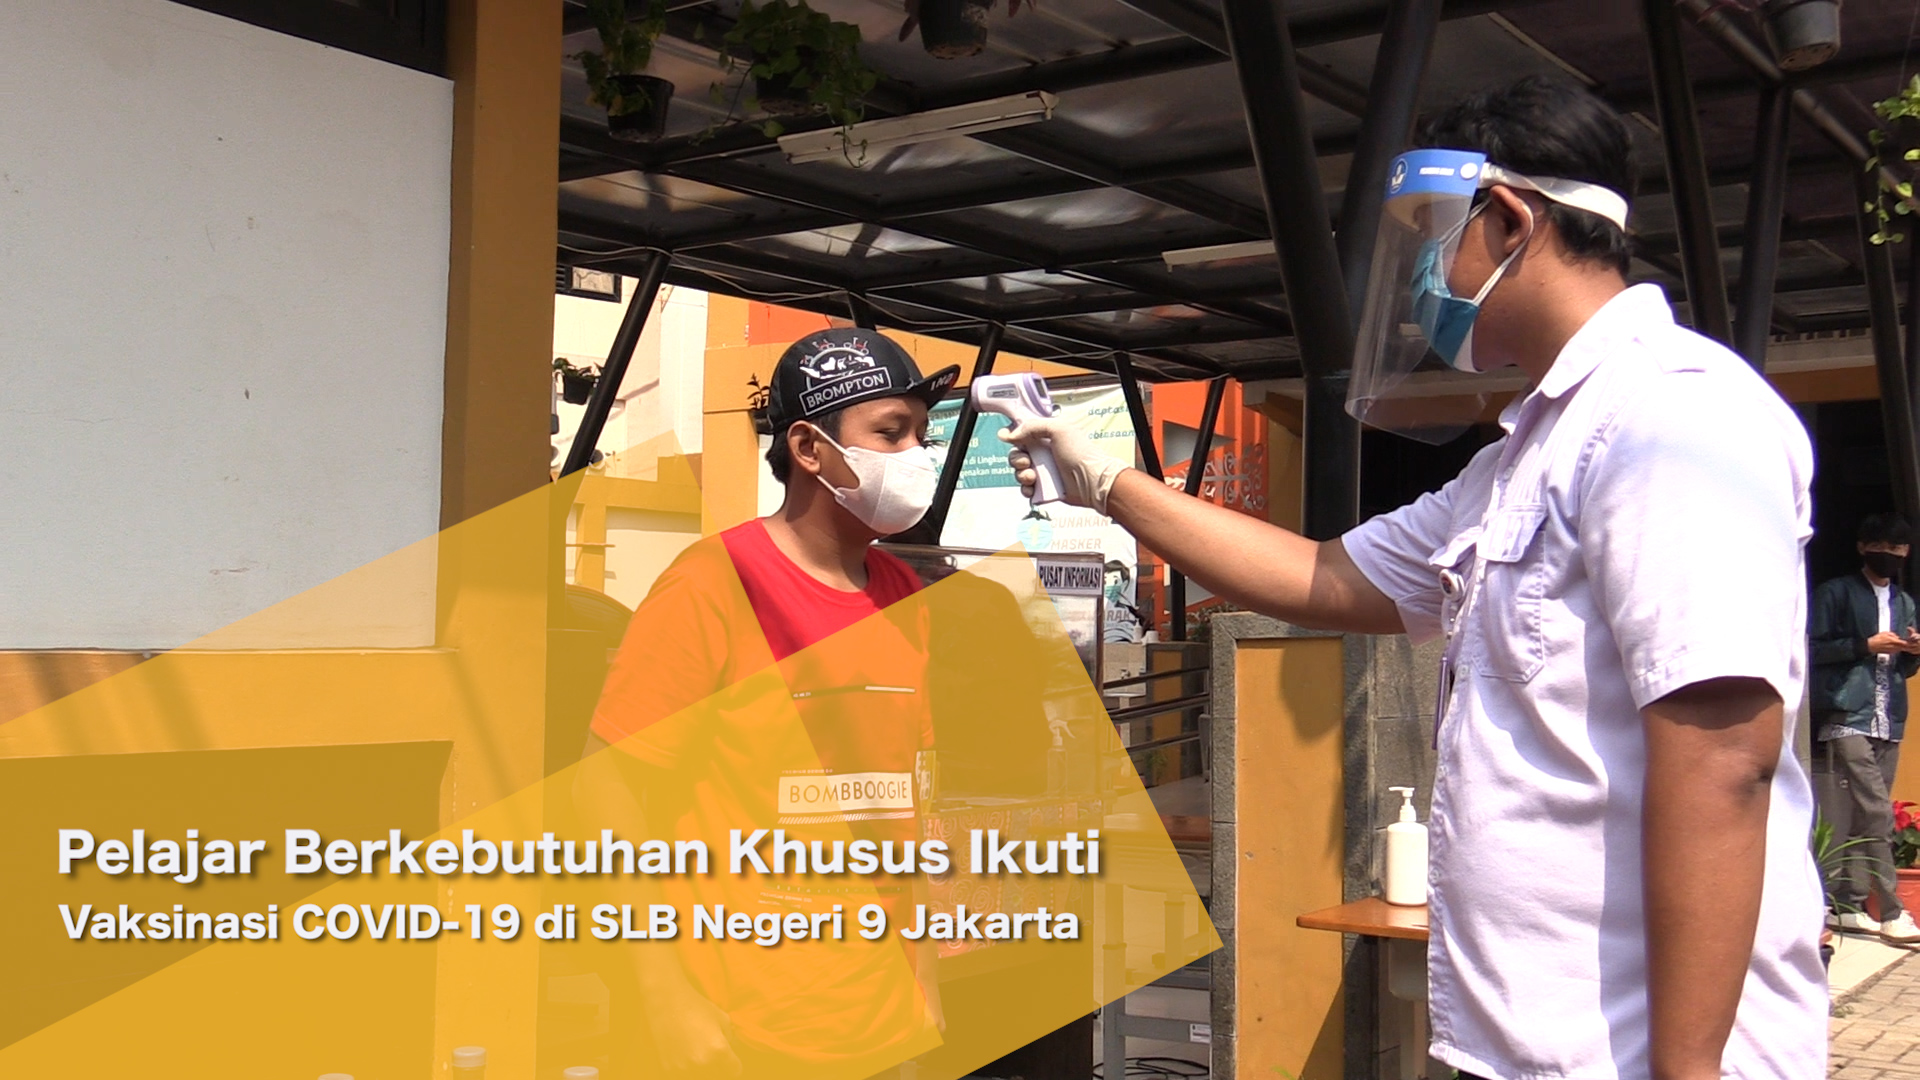 Pelajar Berkebutuhan Khusus Ikuti Vaksinasi COVID-19 di SLB Negeri 9 Jakarta